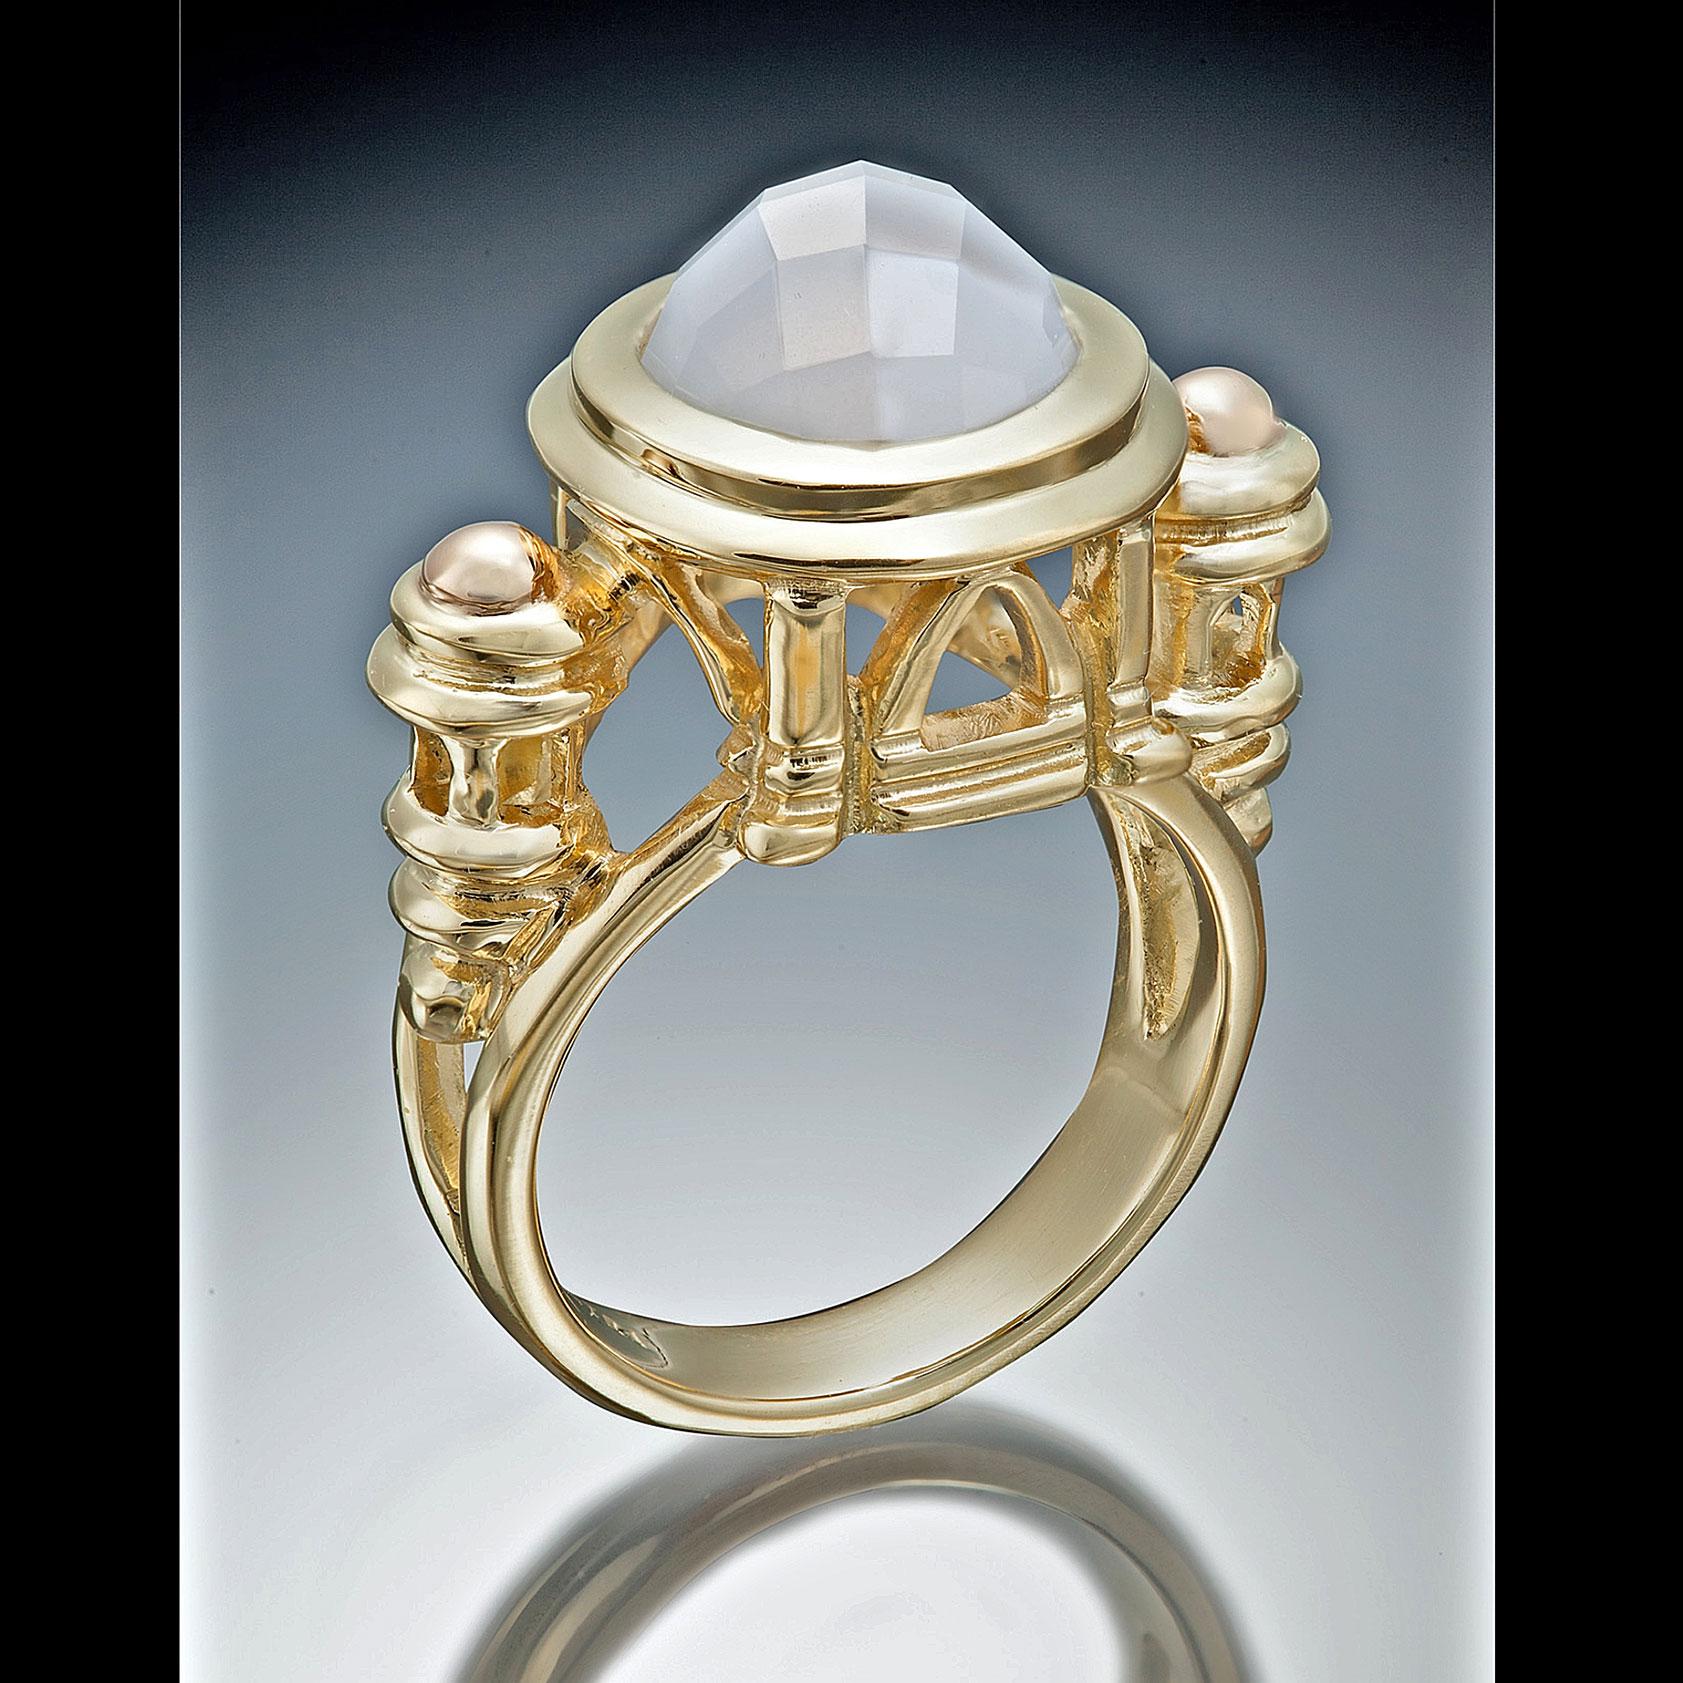 Jeanette Mullarkey, Taj Ring